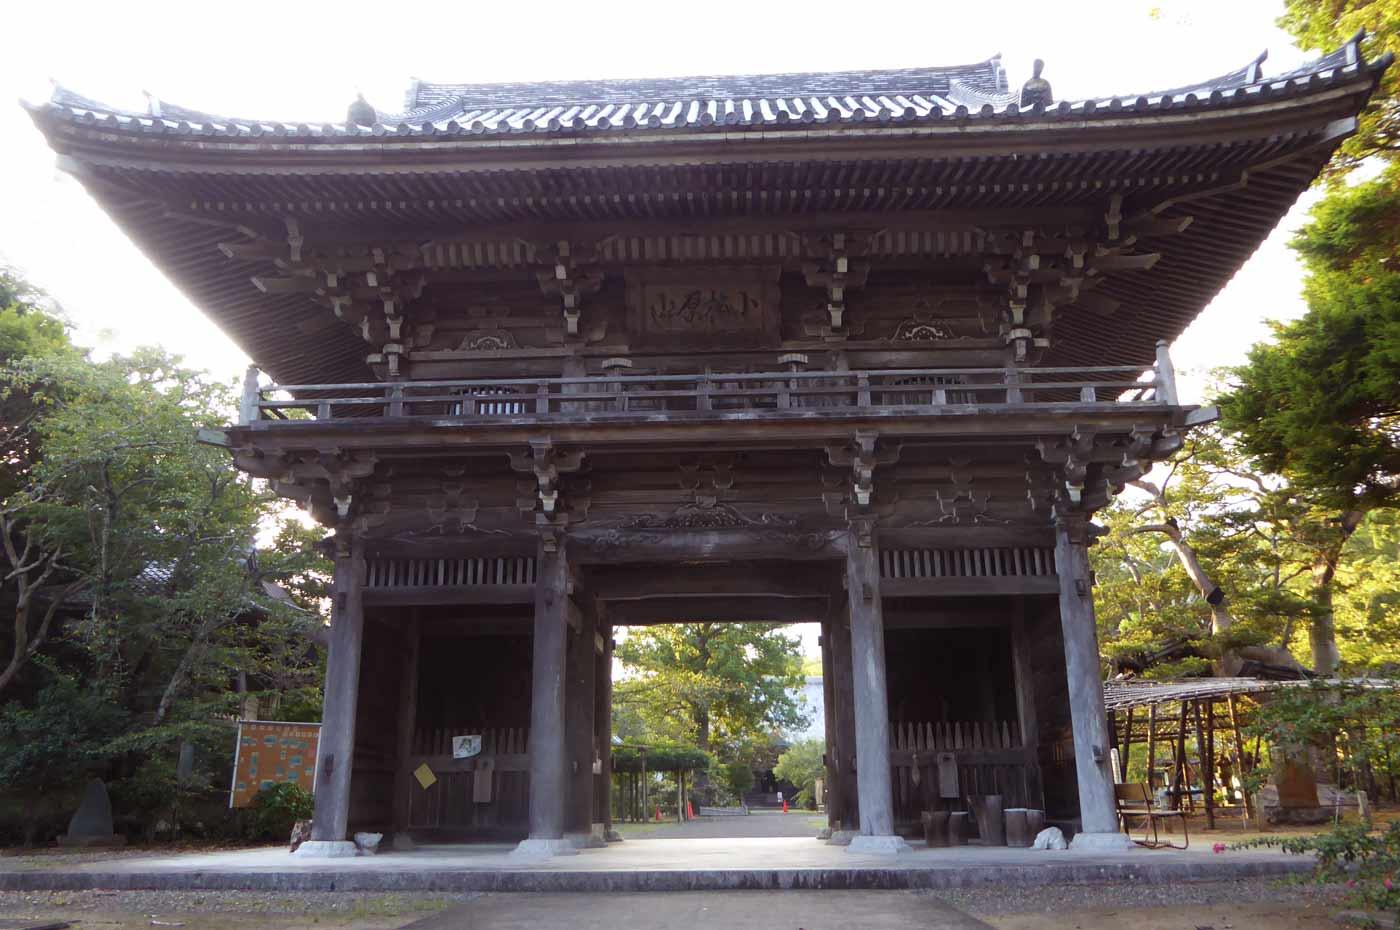 鏡忍寺の仁王門の写真